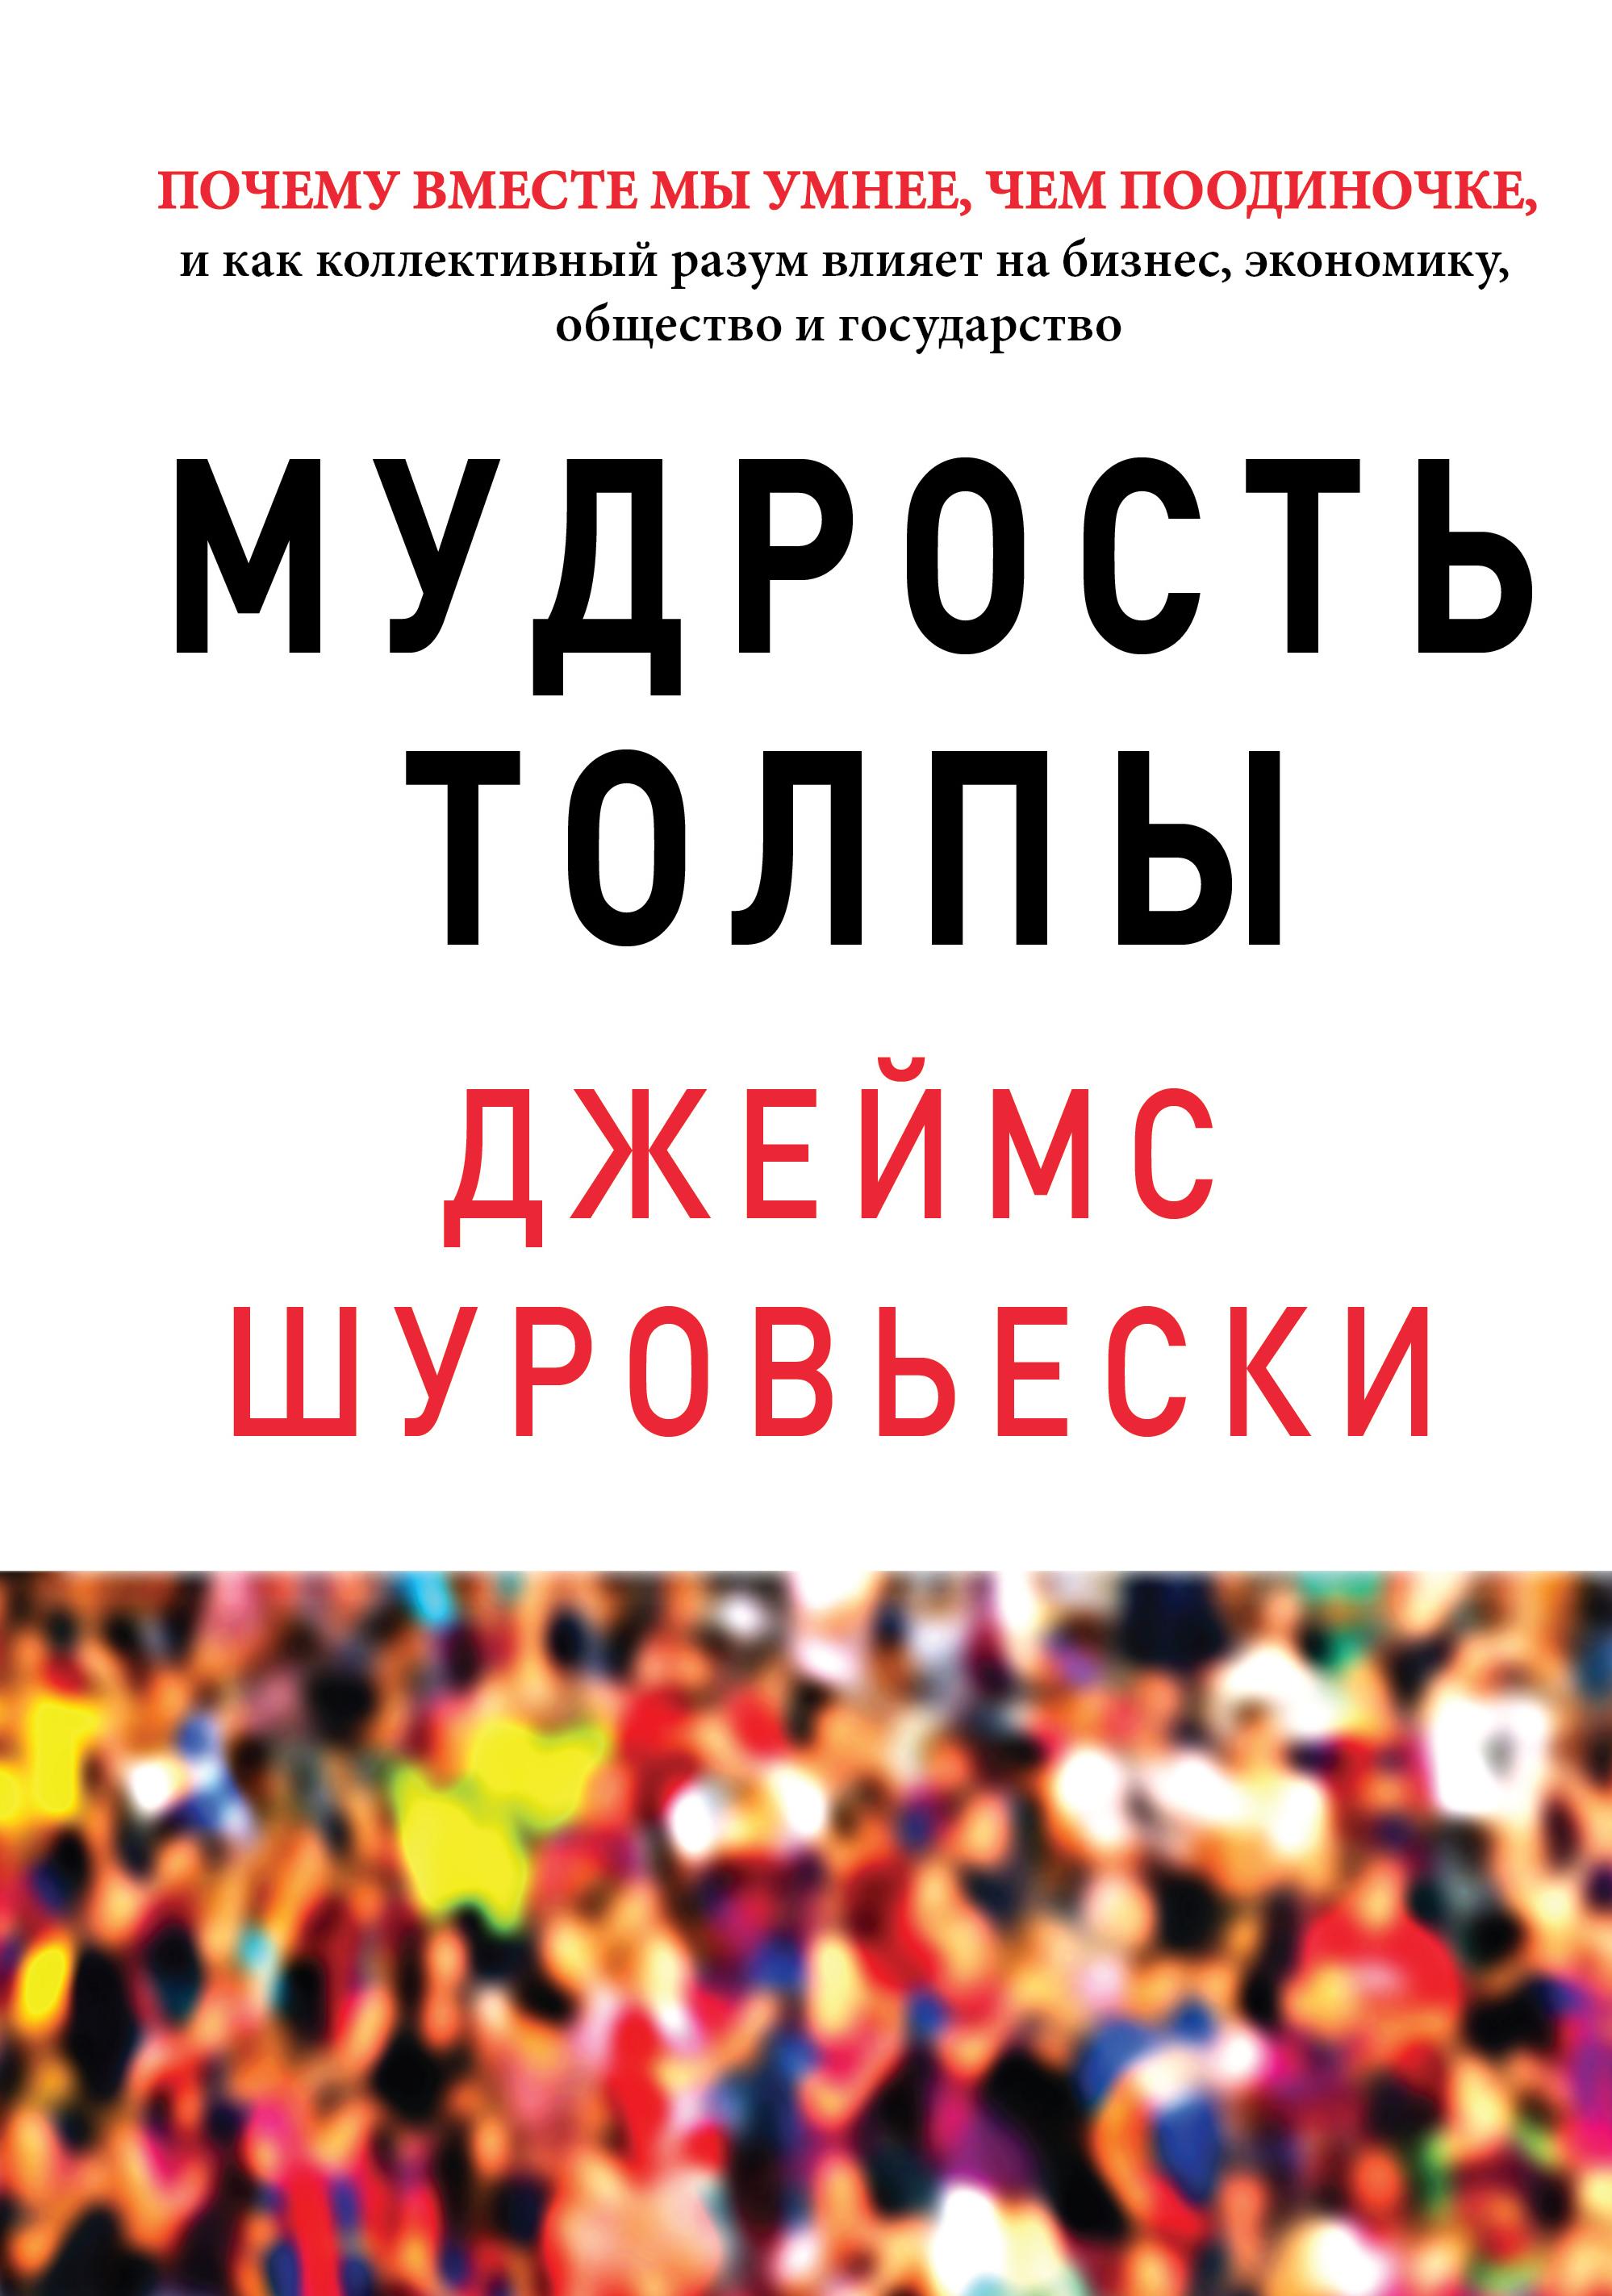 Мудрость толпы. Почему вместе мы умнее, чем поодиночке, и как коллективный разум влияет на бизнес, экономику, общество и государство от book24.ru